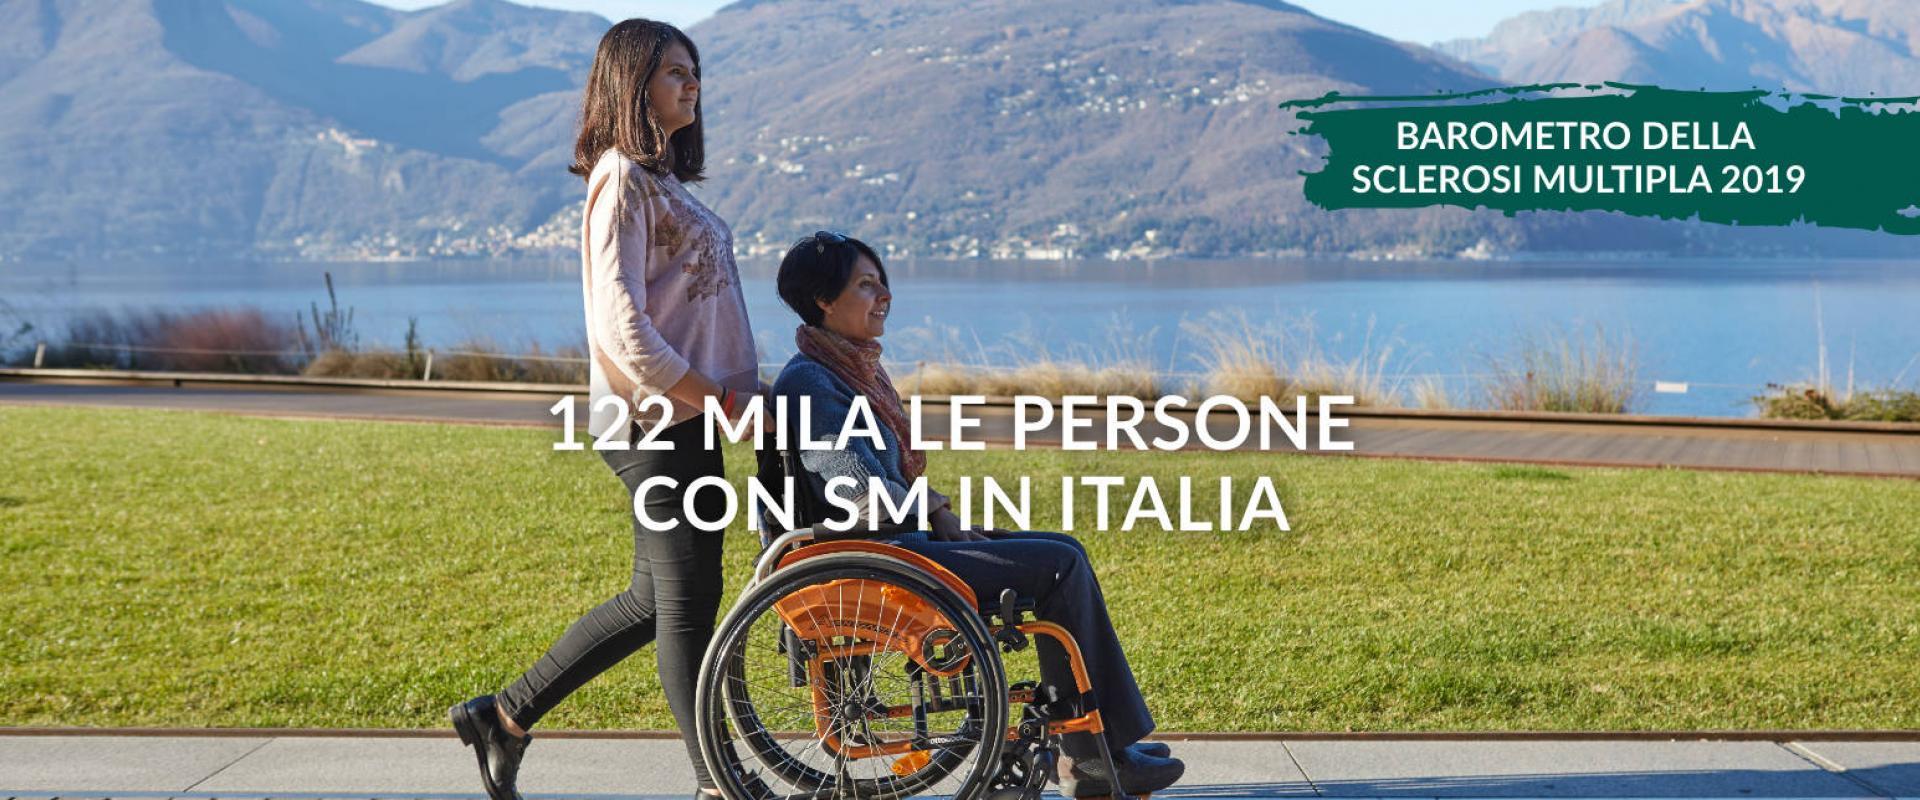 Barometro della Sclerosi Multipla 2019